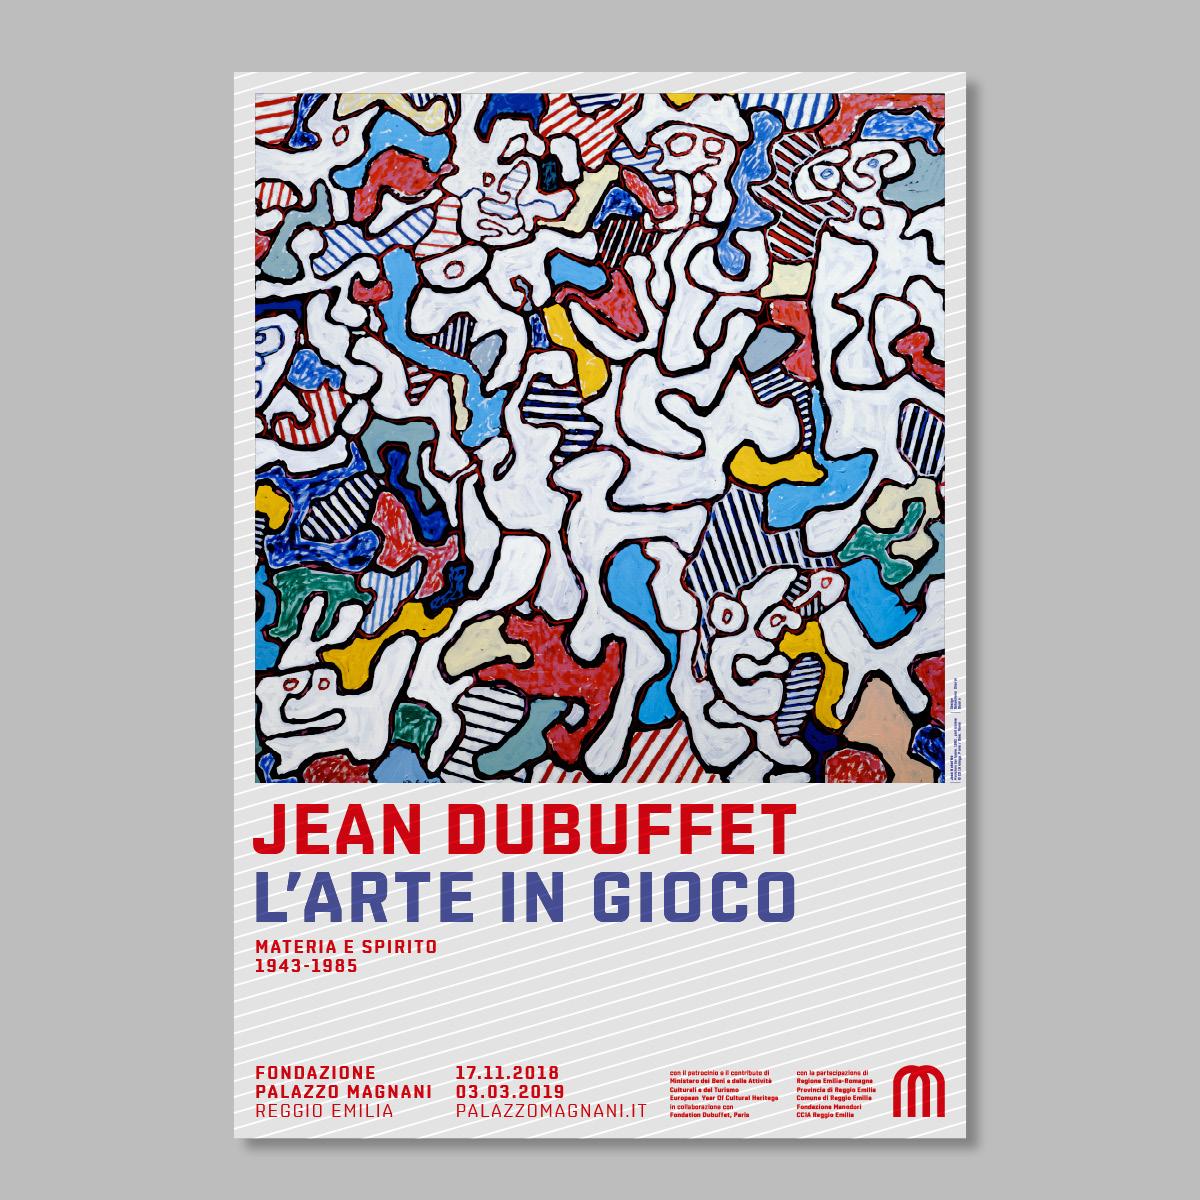 Jean-DubuffetLarte-in-gioco-001